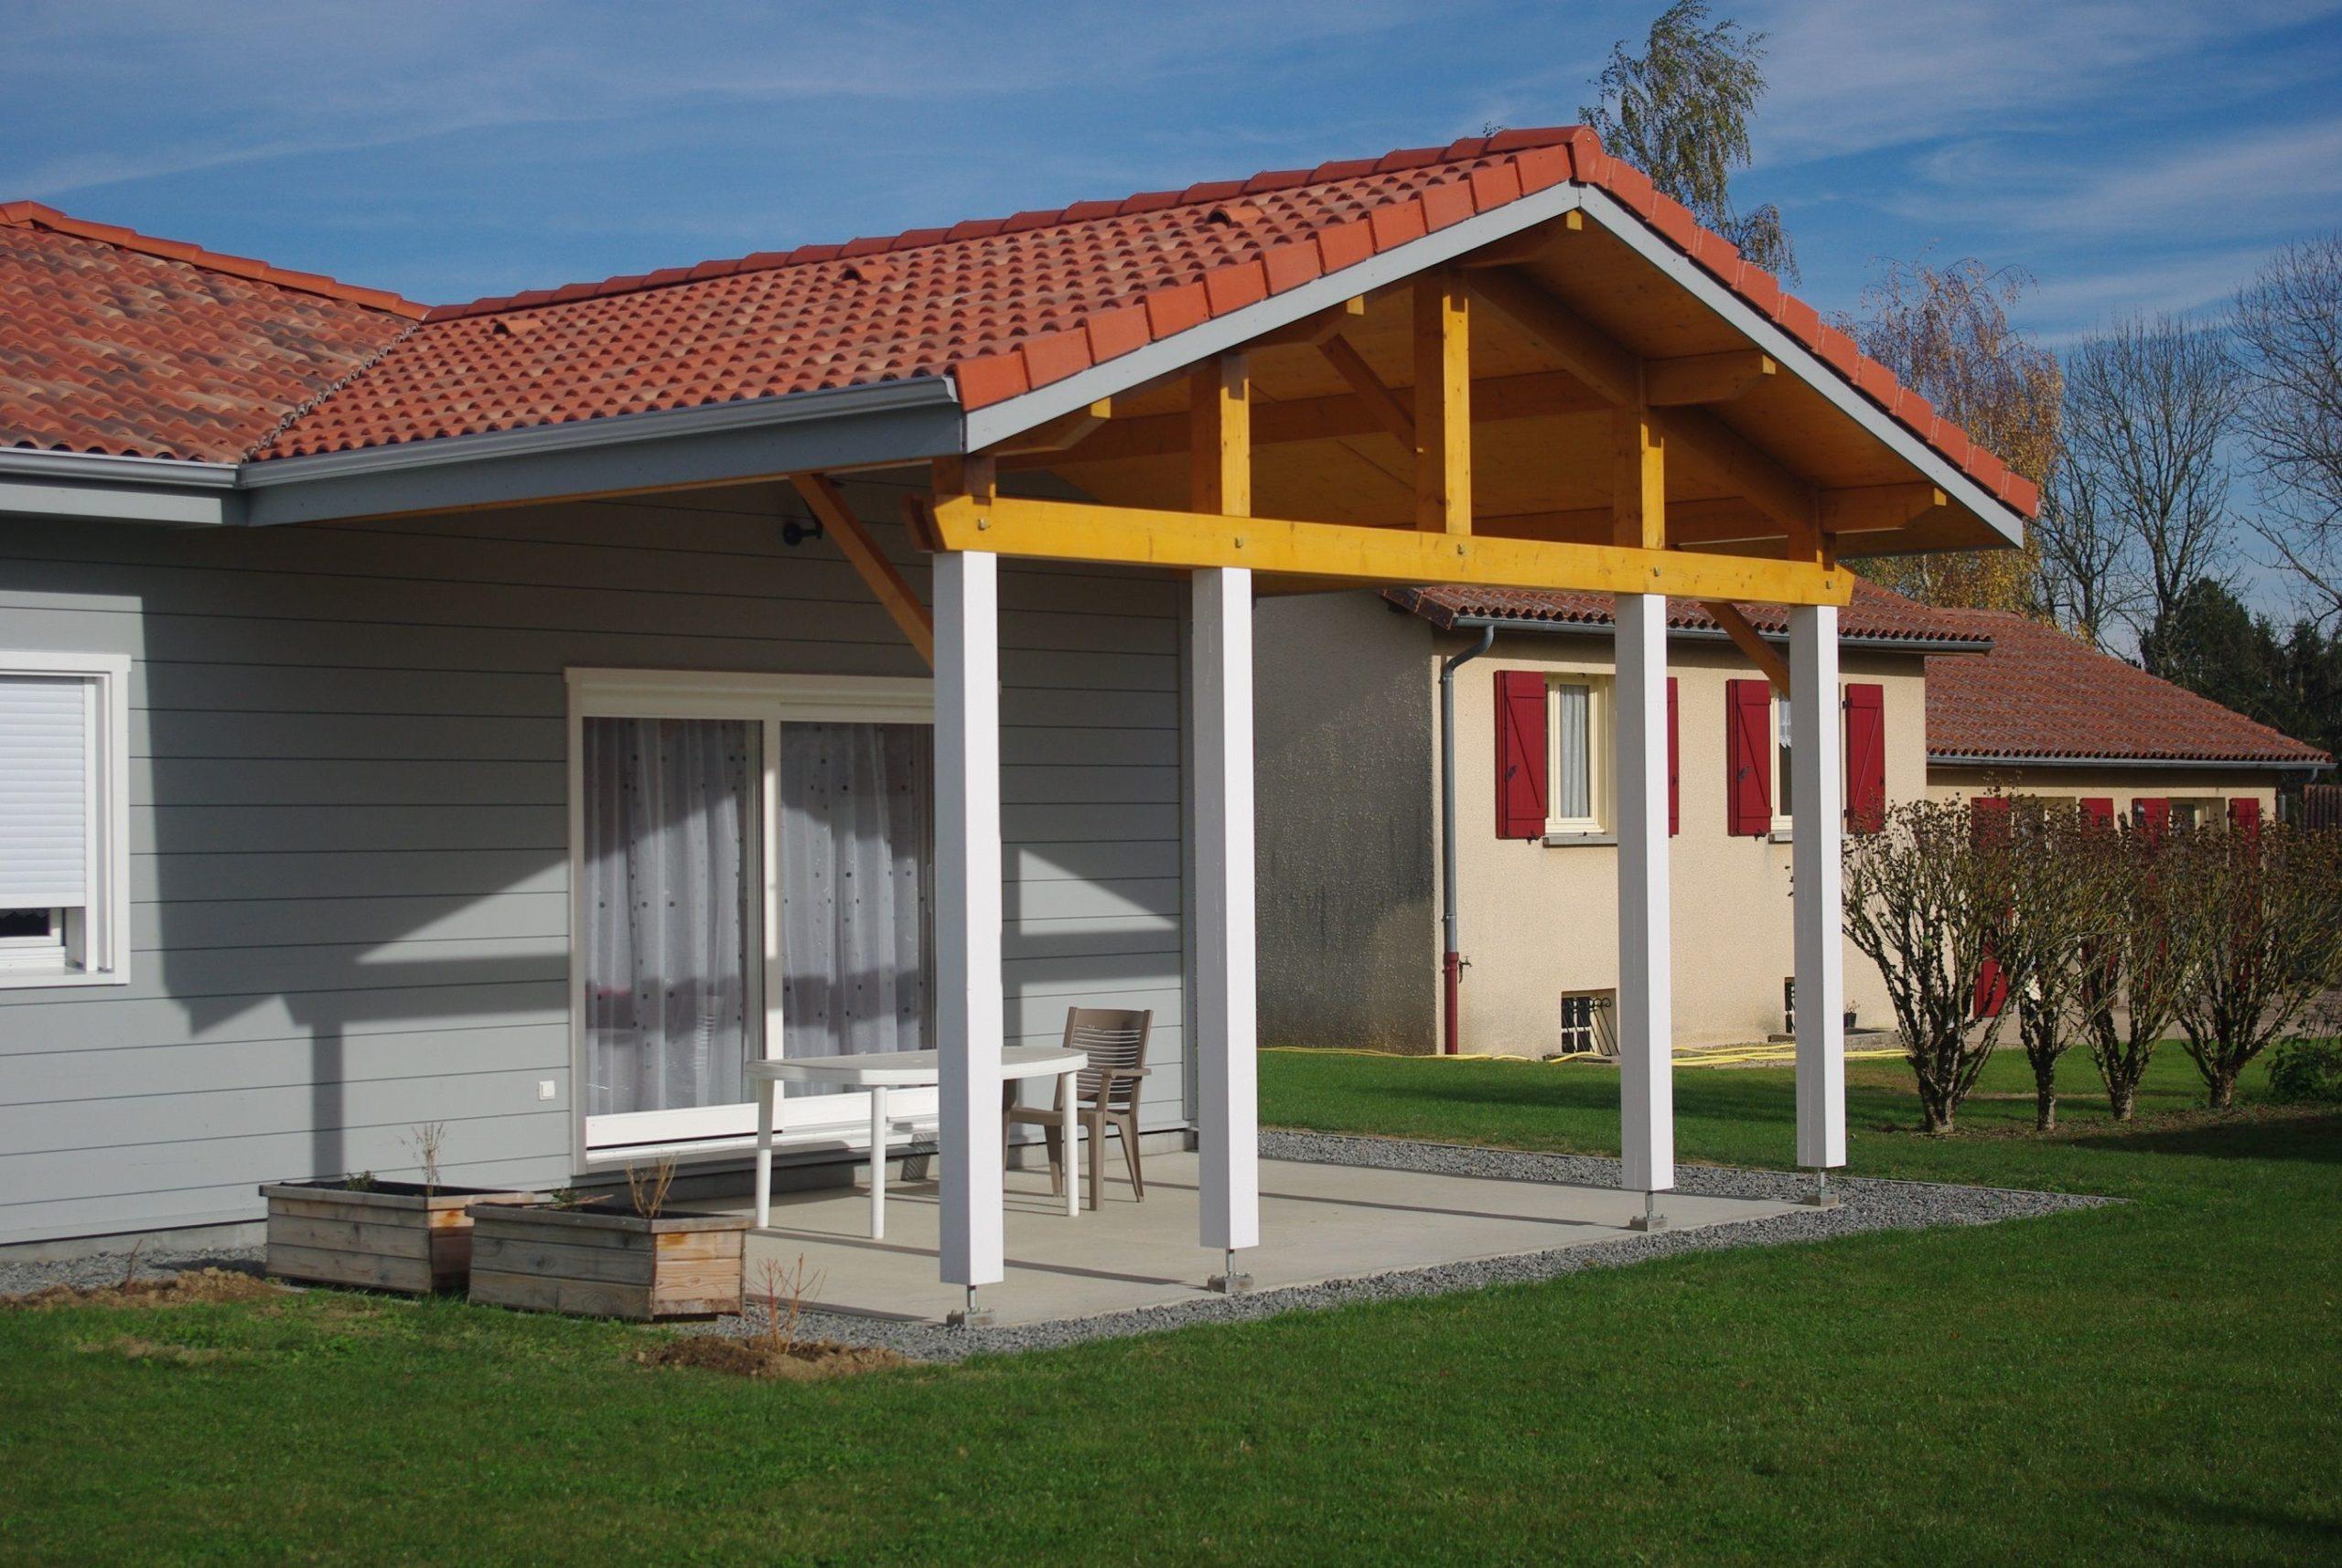 Fin de construction d'une habitation en bois